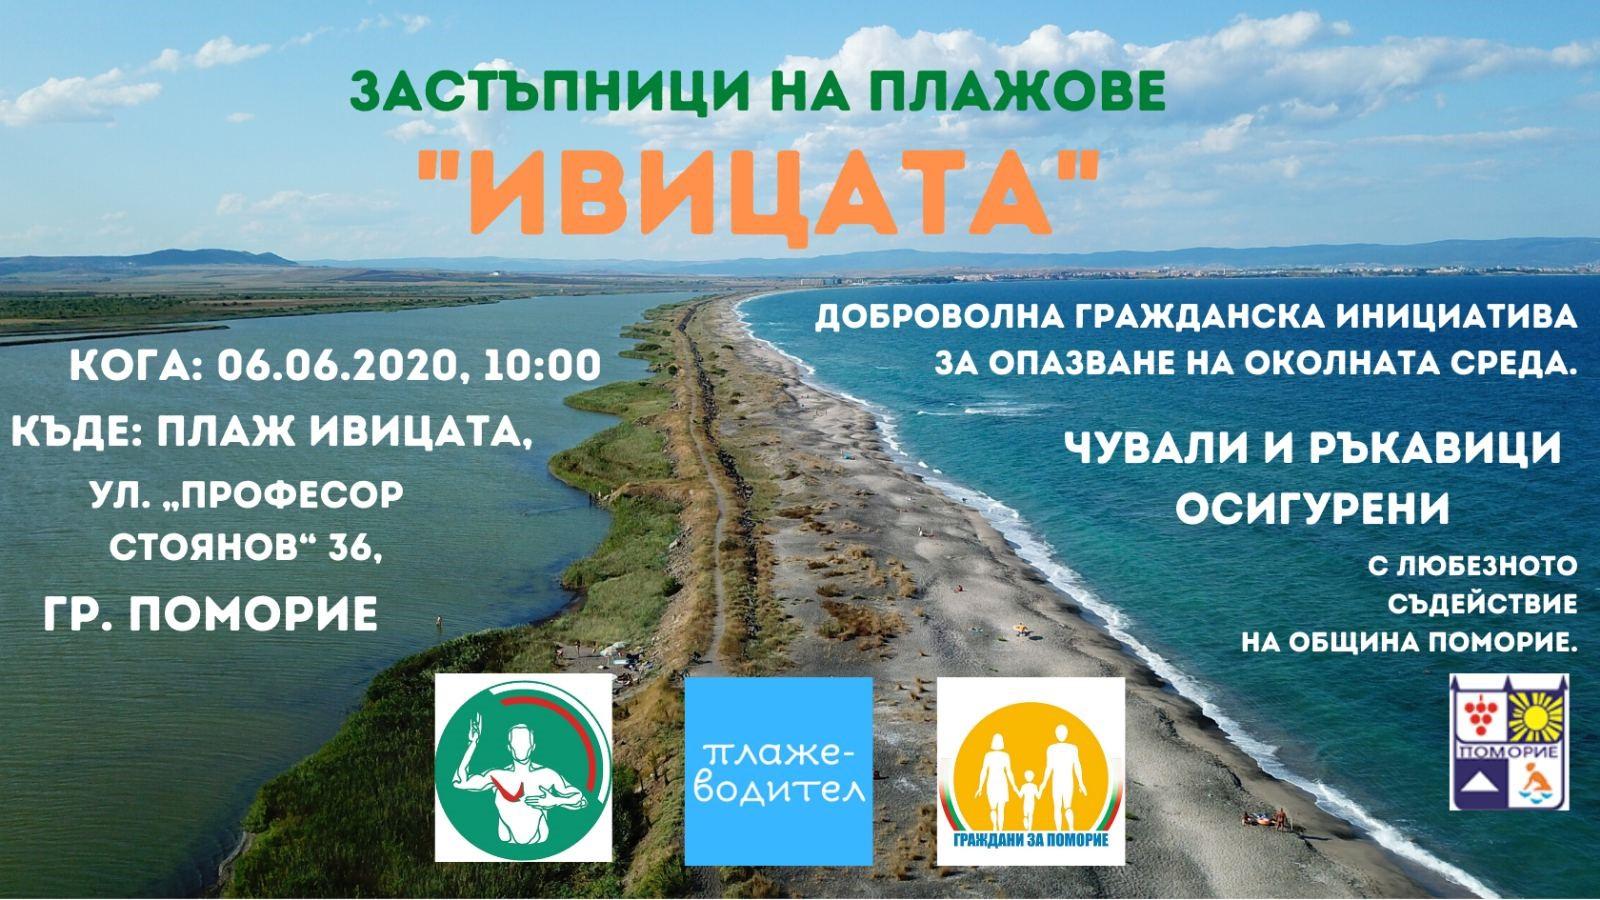 Застъпници на плажовете ще почистят най-дългата ивица по южното Черноморие на 6-ти и 7-ми юни